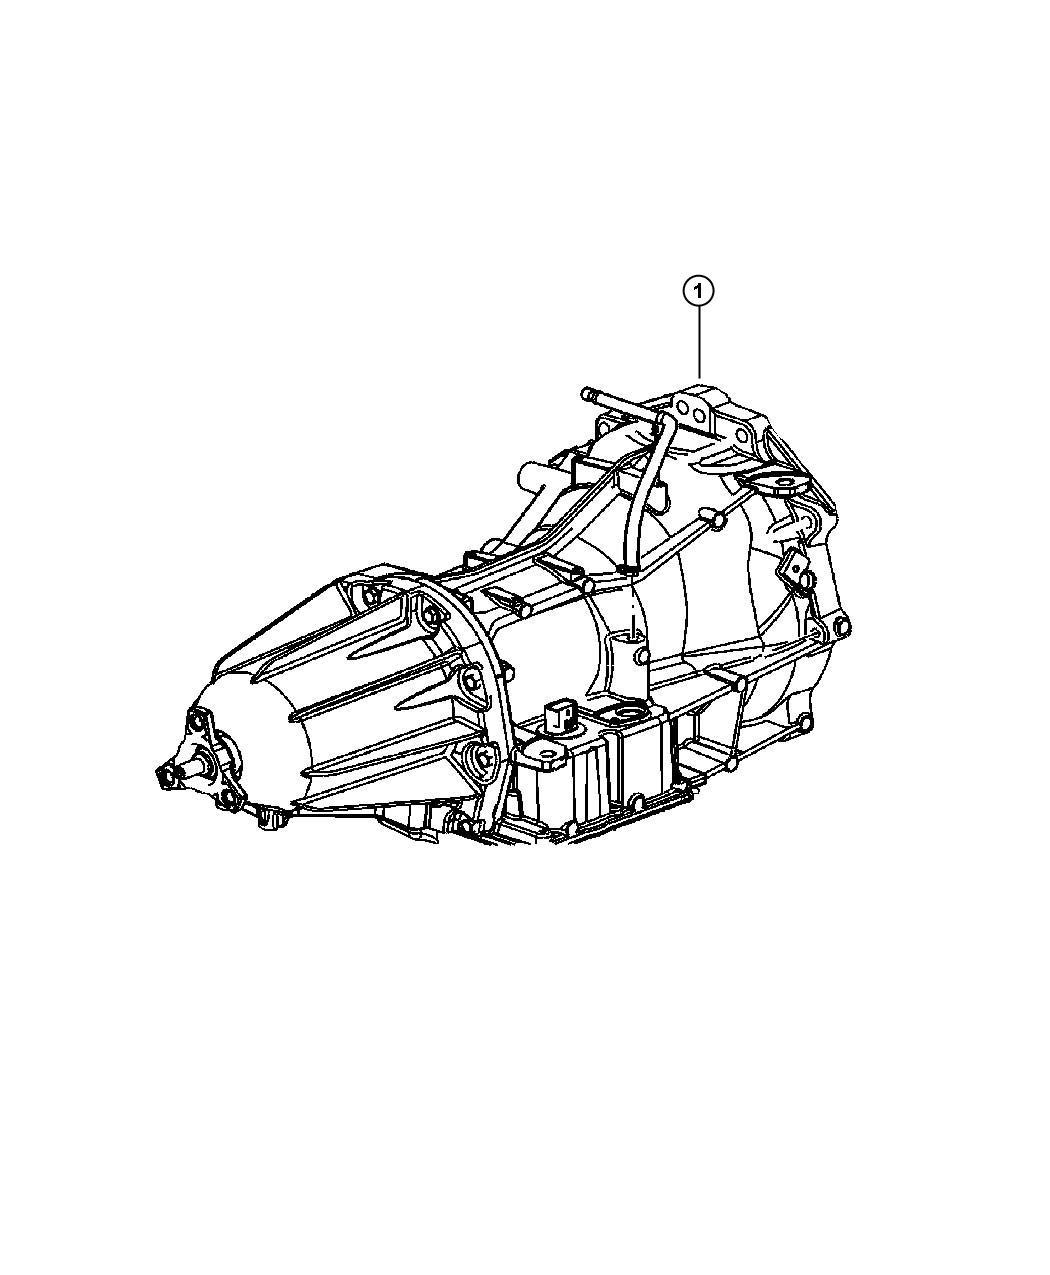 Dodge Durango Sxt 4x2 3 7l V6 4 Spd Automatic Vlp